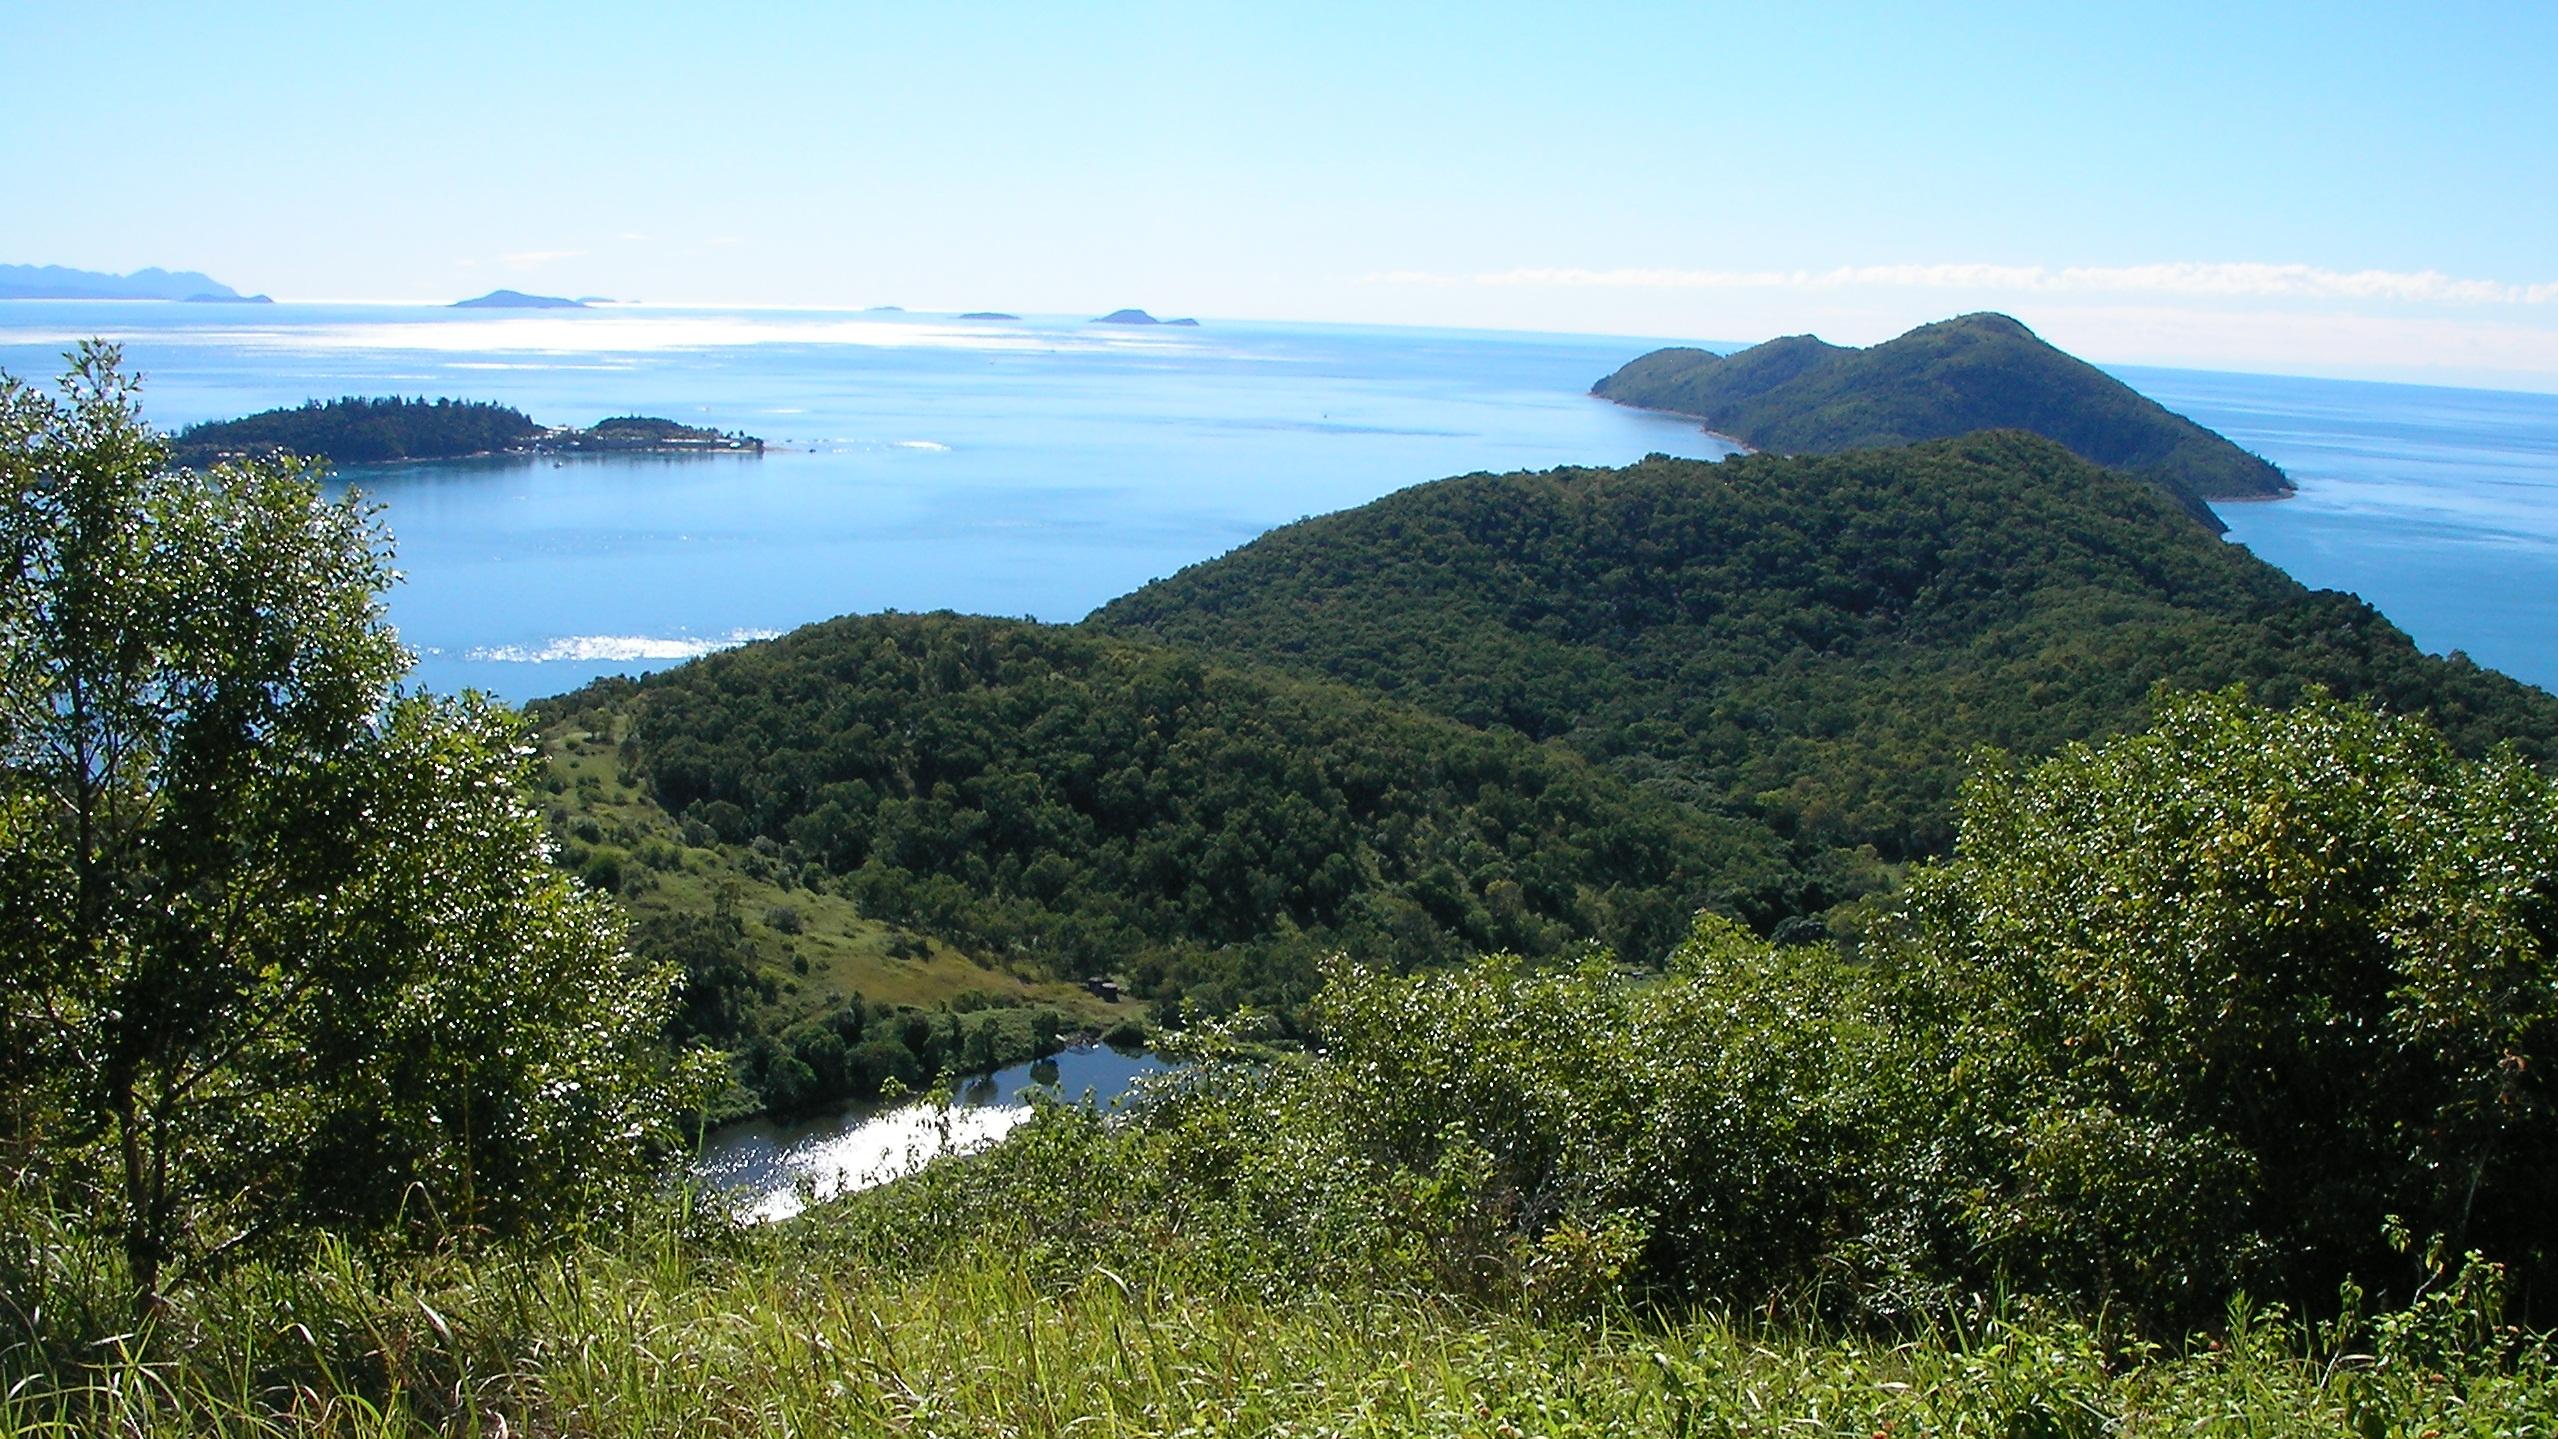 Daydream_island